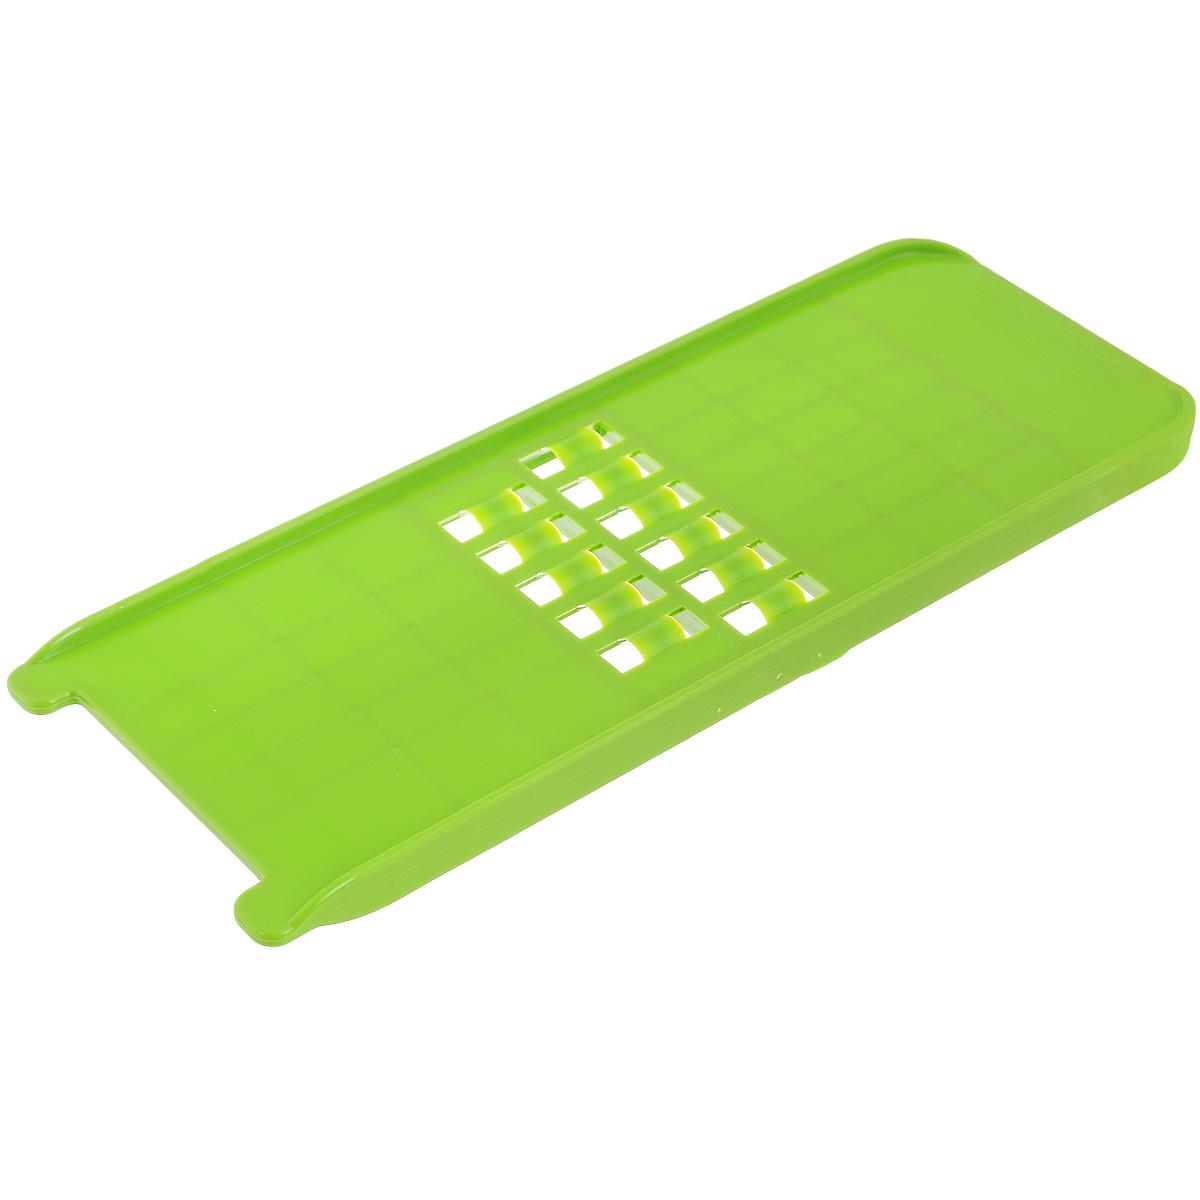 Терка-овощерезка Borner, цвет: зеленый, 10 х 26,5 х 1,5 см3810174Терка-овощерезка Borner будет отличным помощником на вашей кухне, особенно для любителей пиццы, картофельно-сырной запеканки и селедки под шубой. Терка-овощерезка имеет ударопрочный пластмассовый корпус с острыми двухсторонними ножами.Виды нарезки:длинная, плоская, тонкая, но широкая стружка-лапша - для нарезки сыра и любых овощей;крупная стружка для любых овощей нарезаемых поперек длины (например, морковь, огурец).Приятная деталь - у овощерезки нет металлических ножей, а вареные овощи не прилипают к пластмассовой терке.Размер терки-овощерезки: 10 см х 26,5 см х 1,5 см.